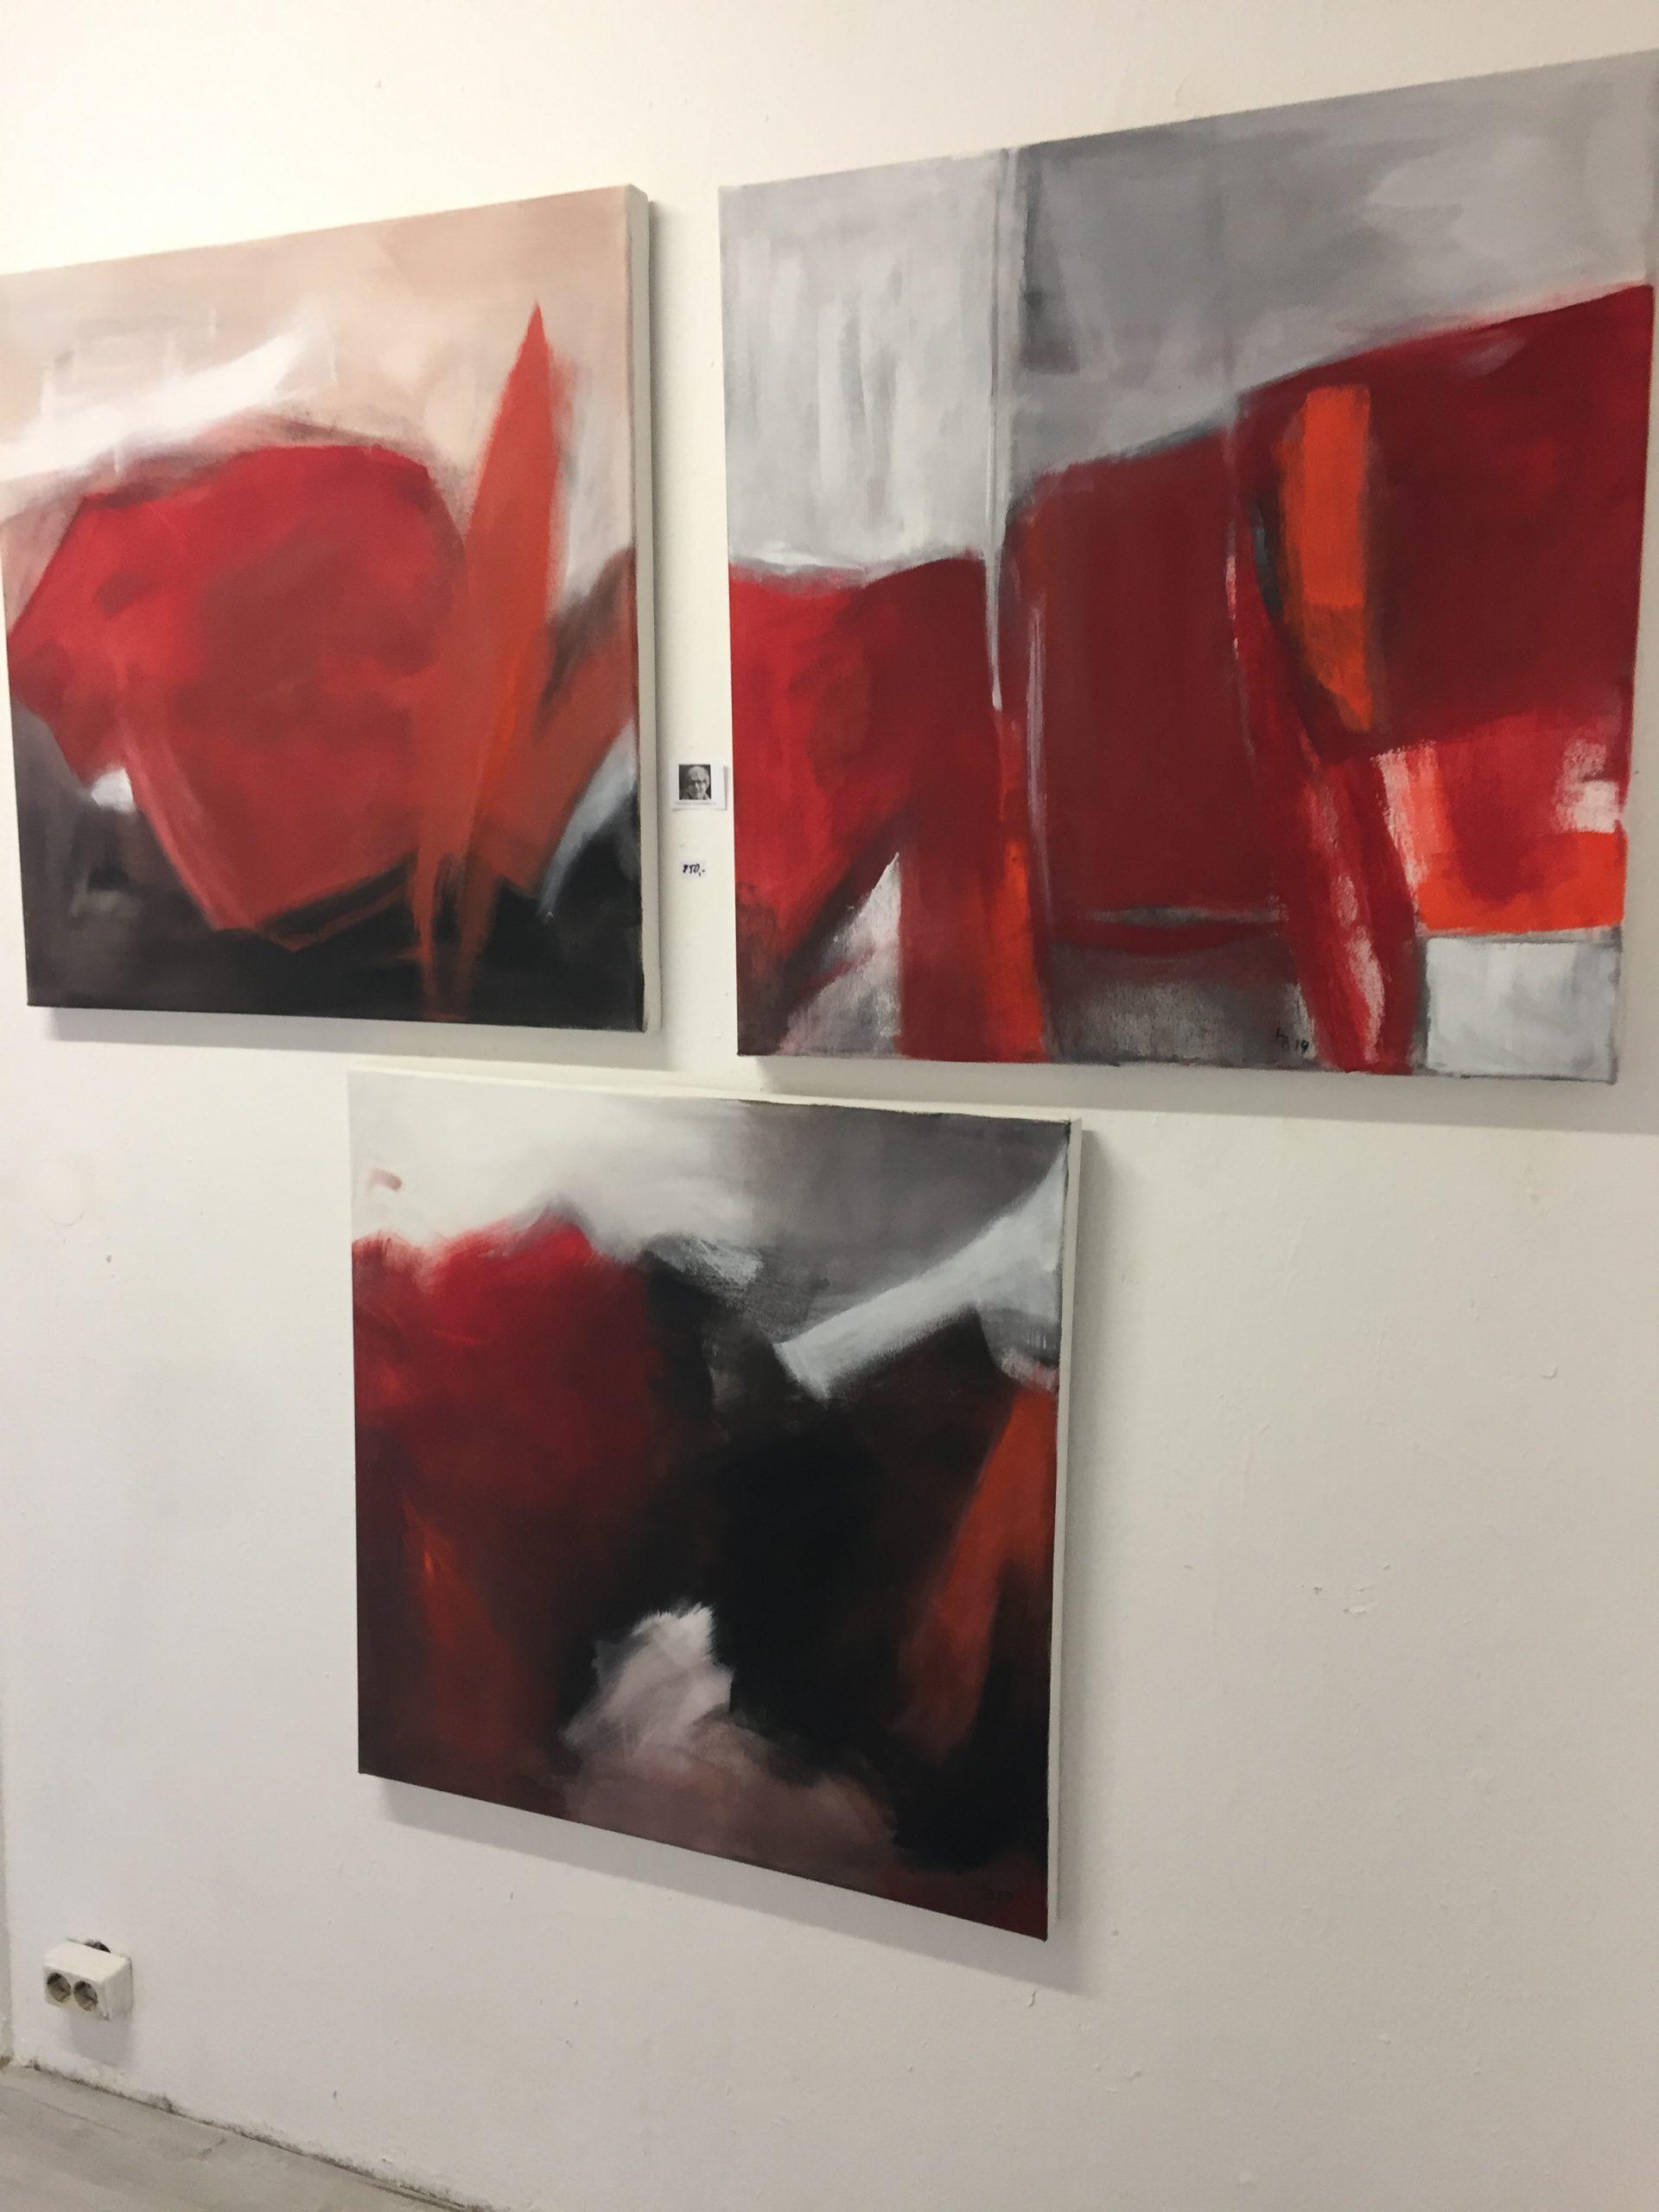 Echte Meisterwerke bei uns zu sehen. Rennomierte Künstlerinnen und Künstler zeigen ihre speziellen Werke.